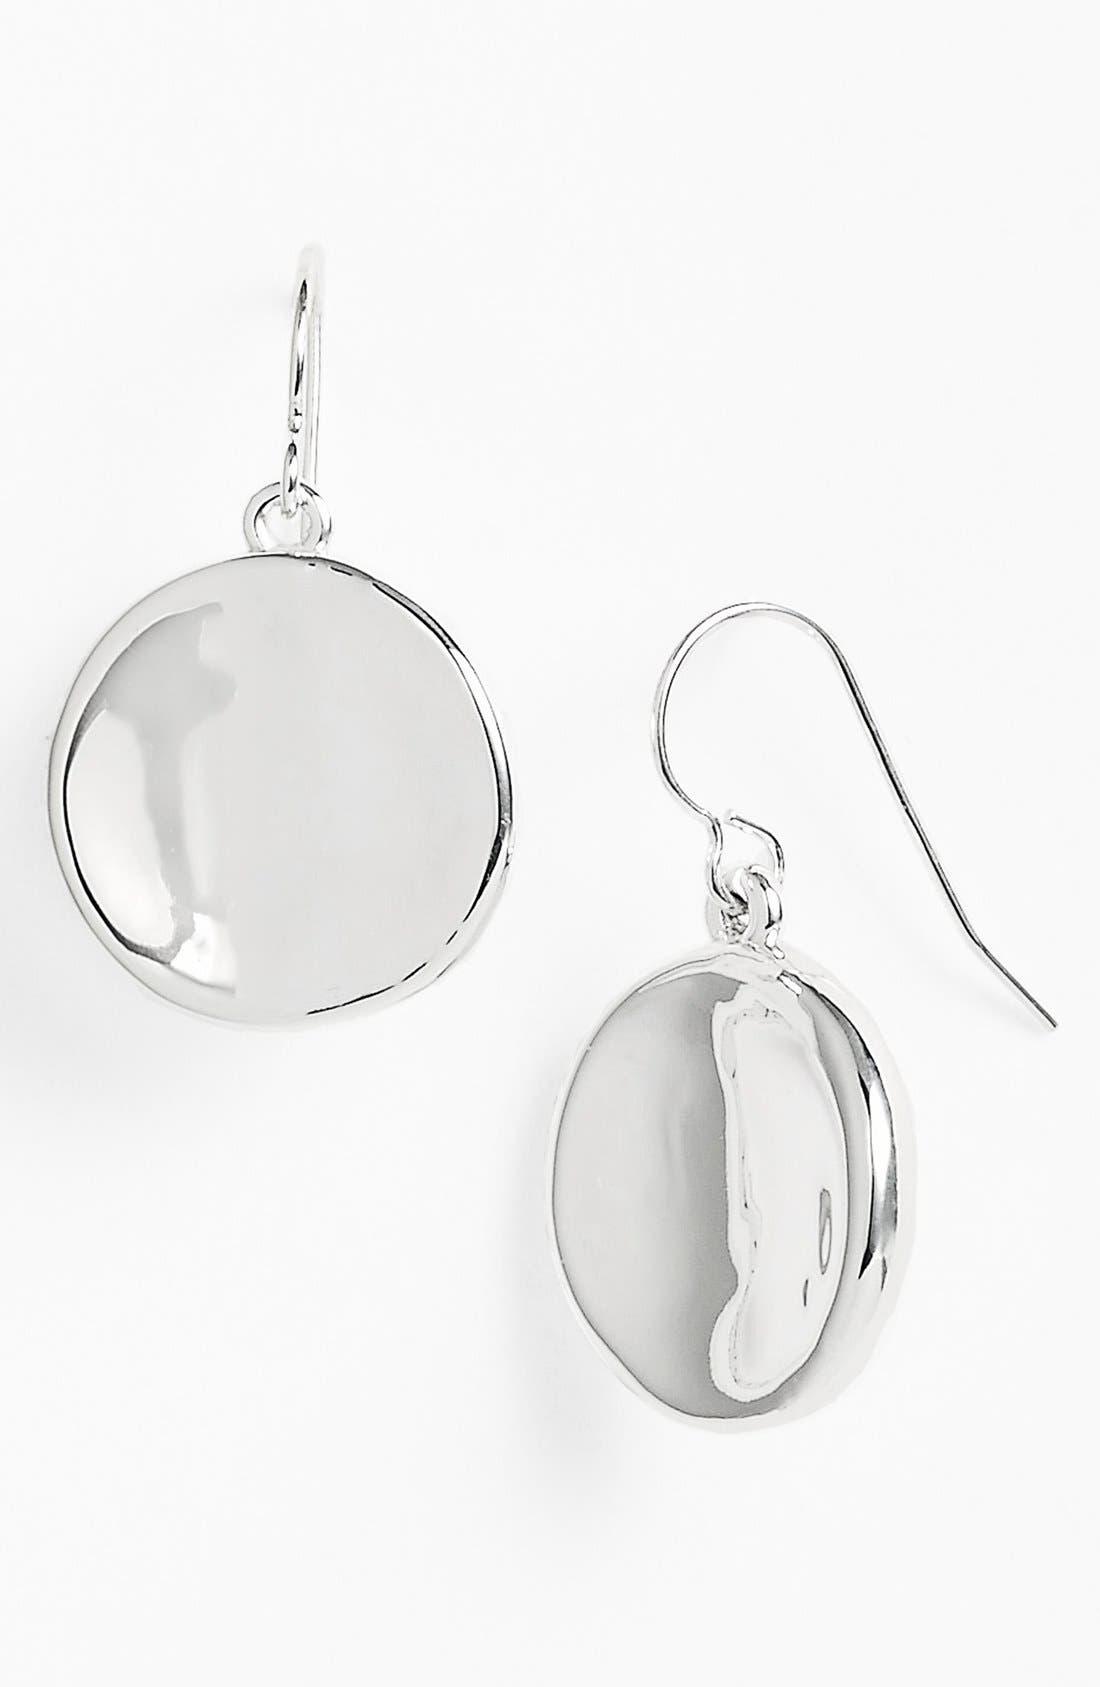 Main Image - Simon Sebbag Pendant Earrings